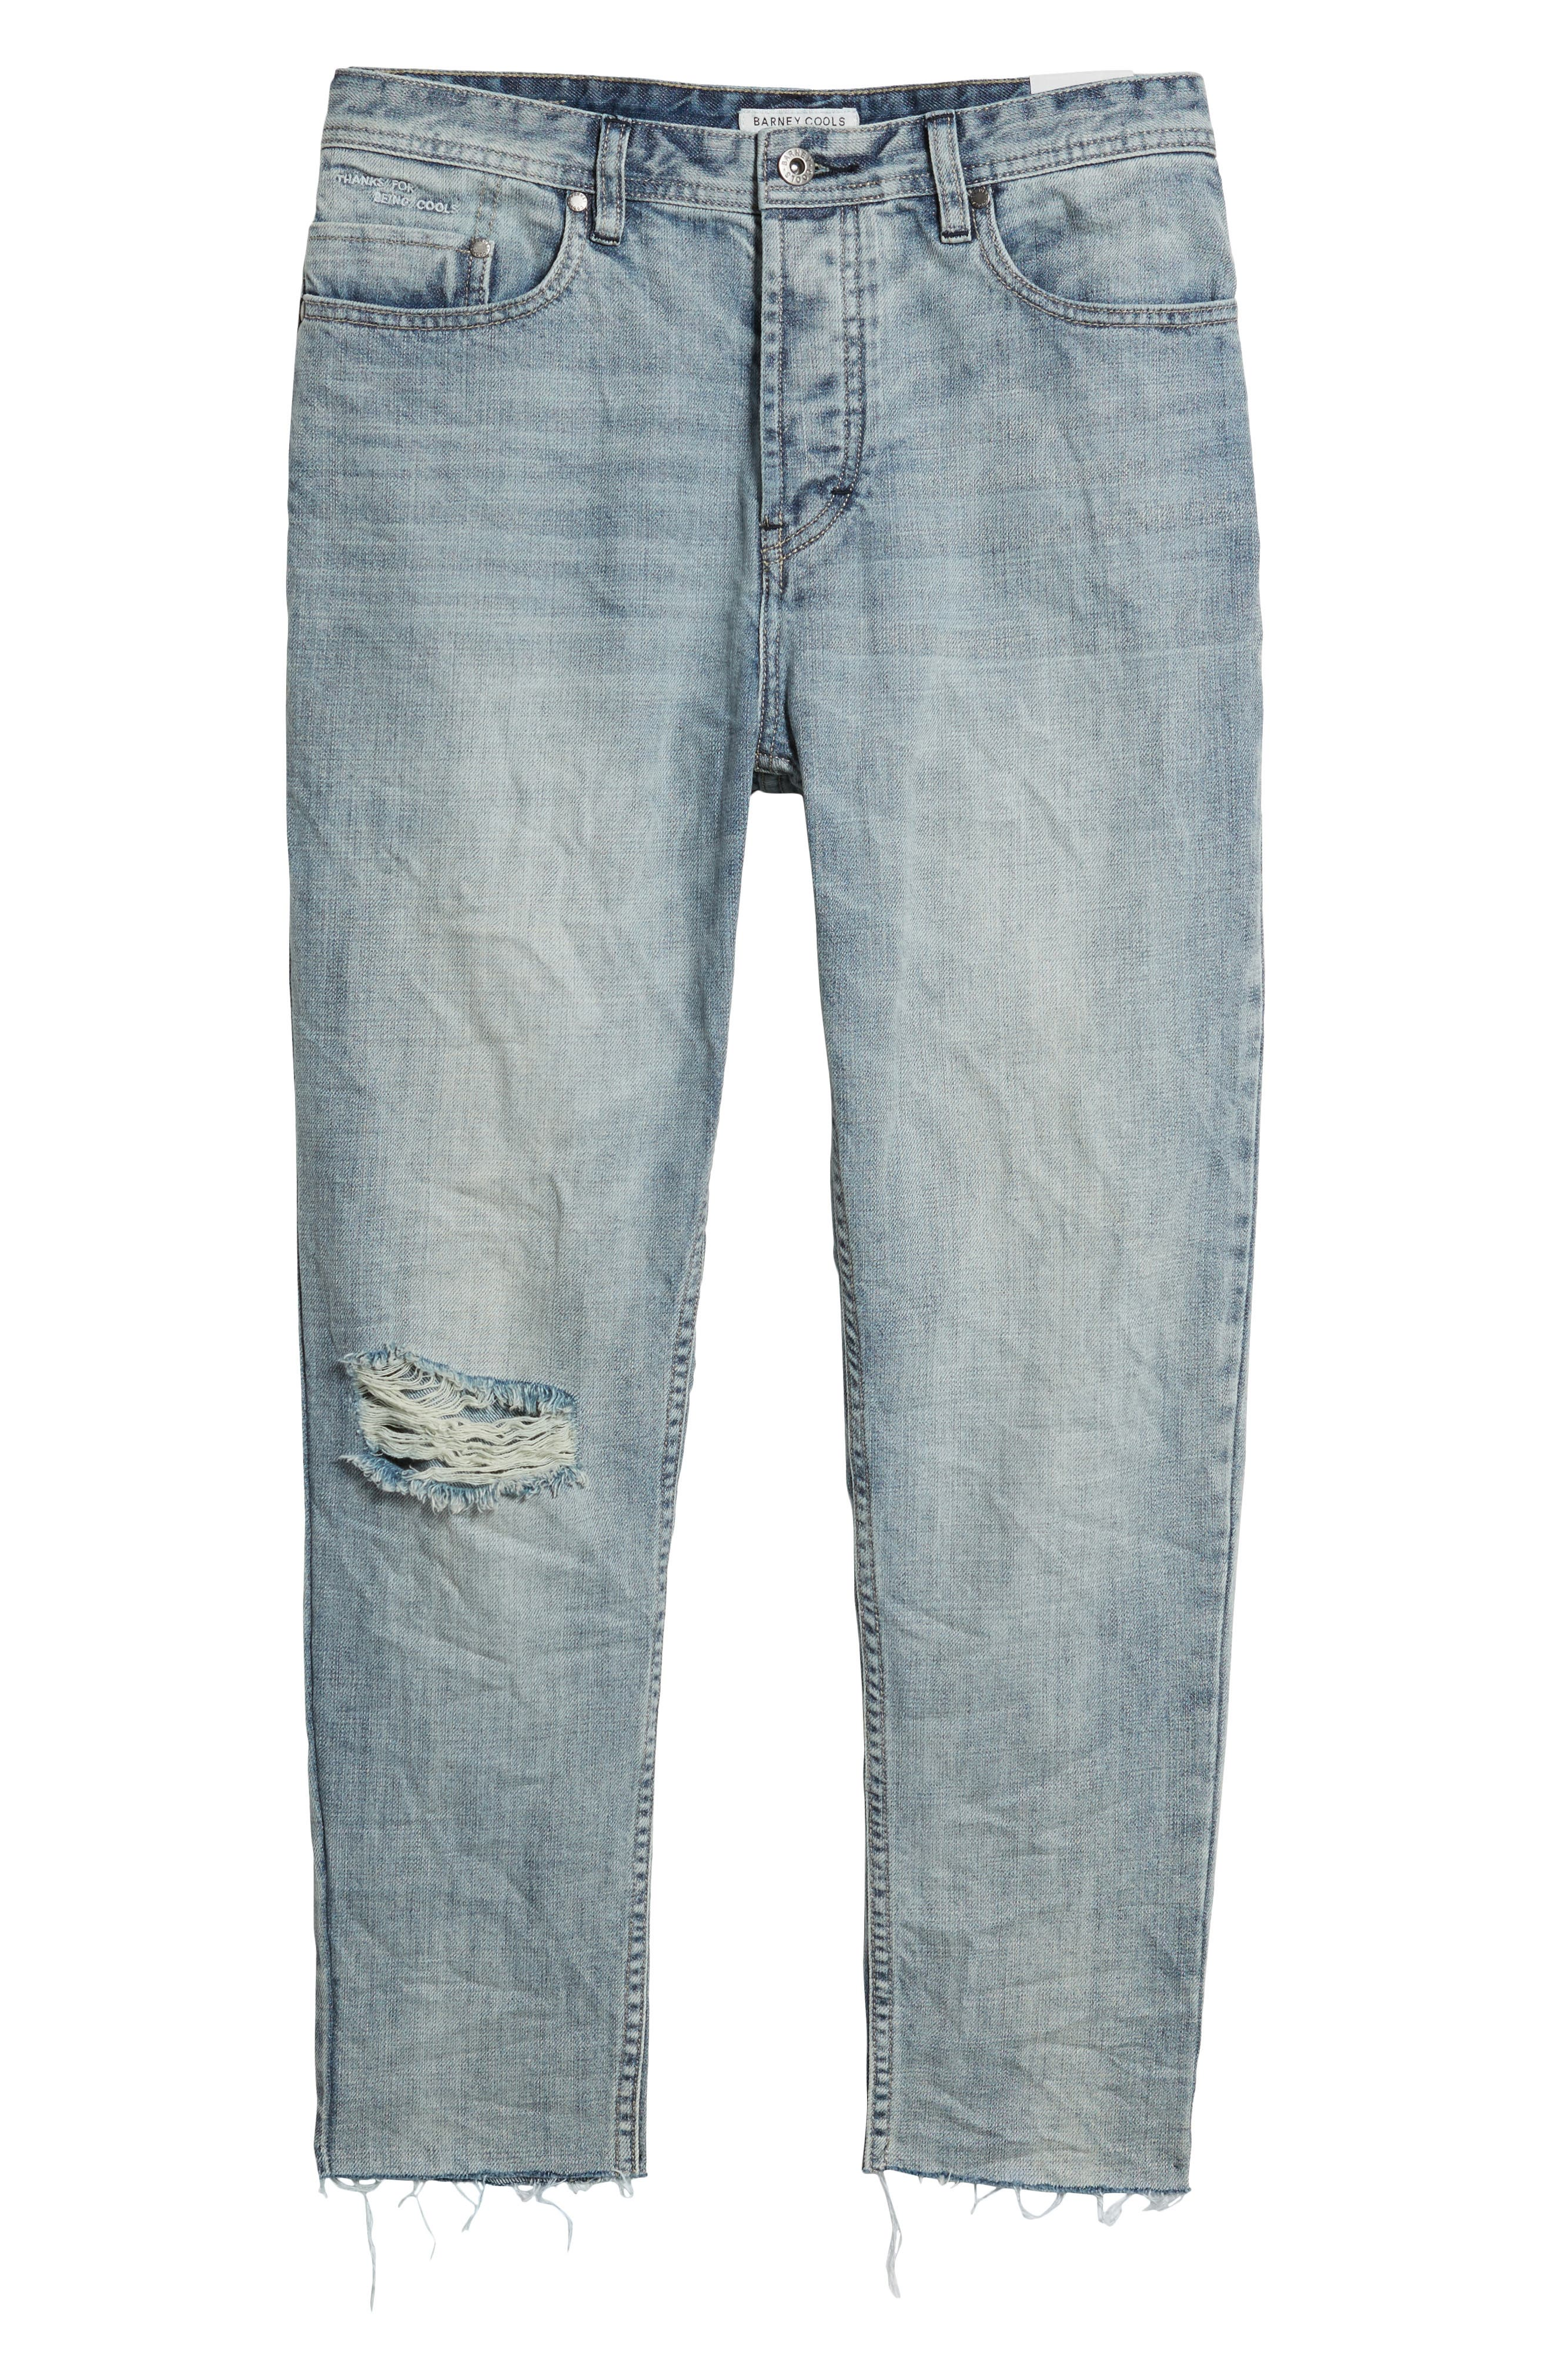 B.Line Crop Slim Fit Jeans,                             Alternate thumbnail 6, color,                             90S Stonewash